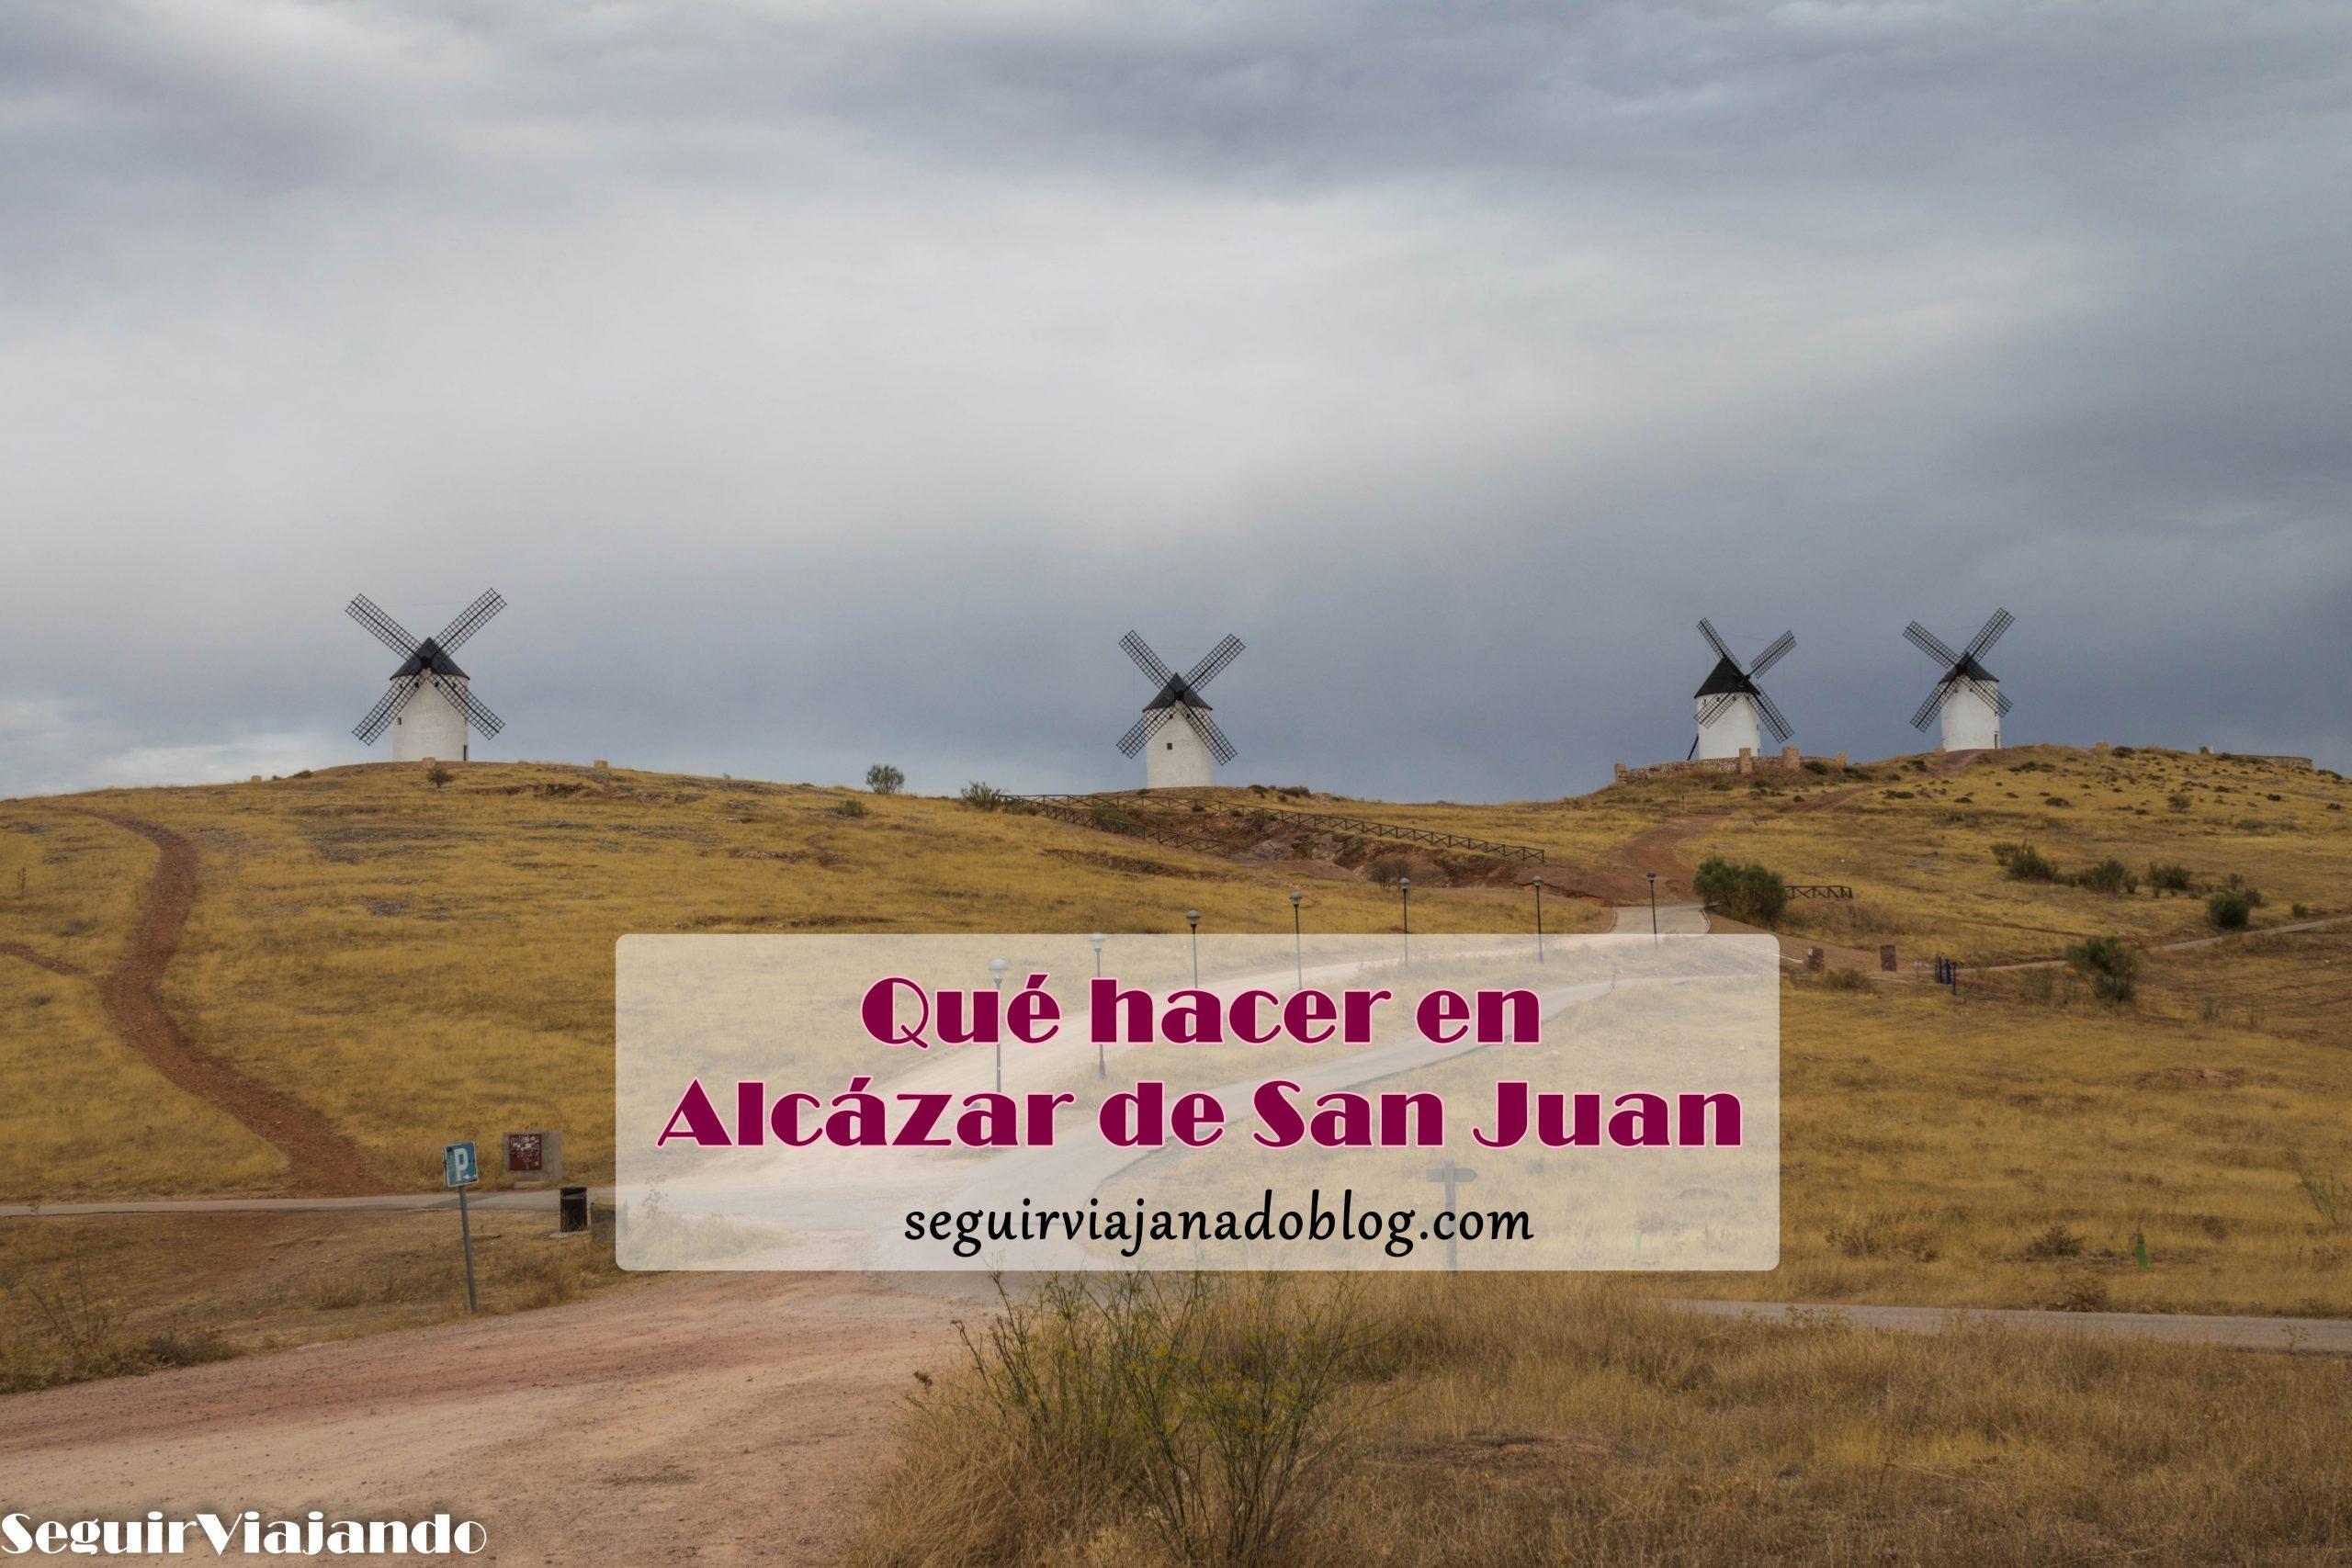 Qué hacer en Alcázar de San Juan - Seguir Viajando